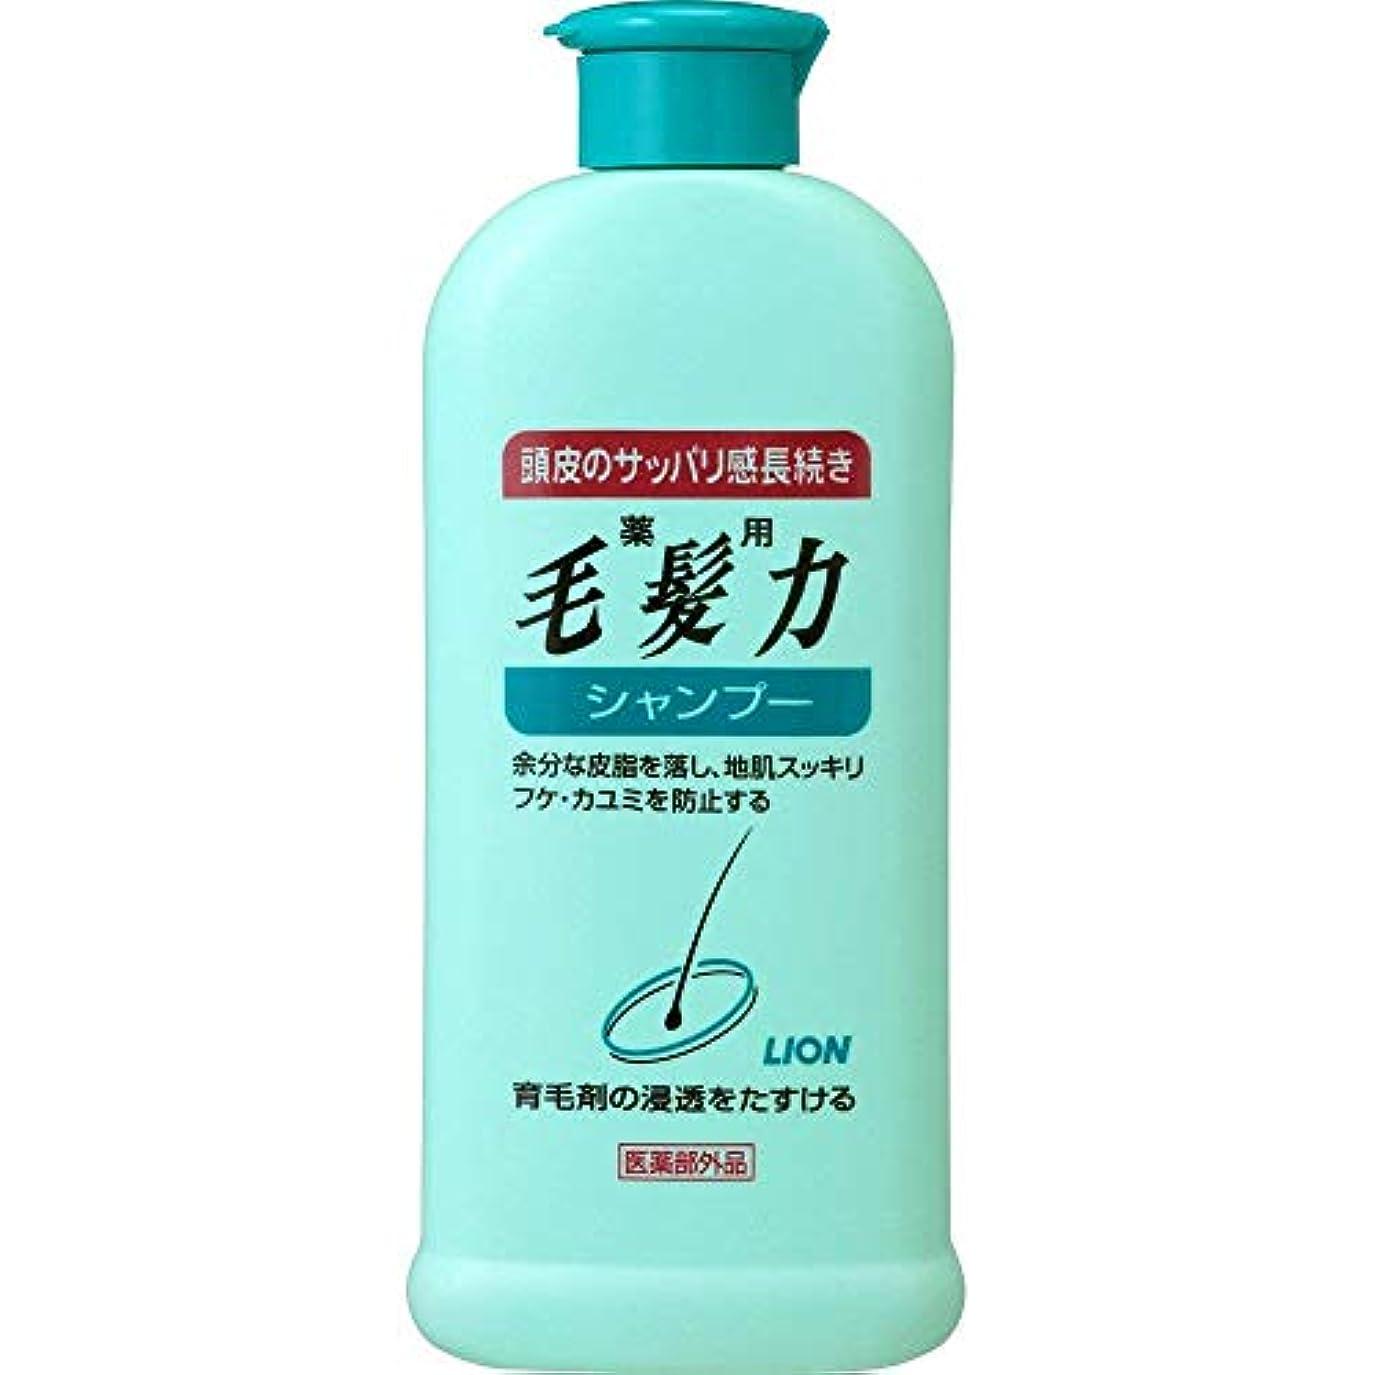 成熟クランシー自動化【ライオン】薬用毛髪力 シャンプー 200ml ×5個セット